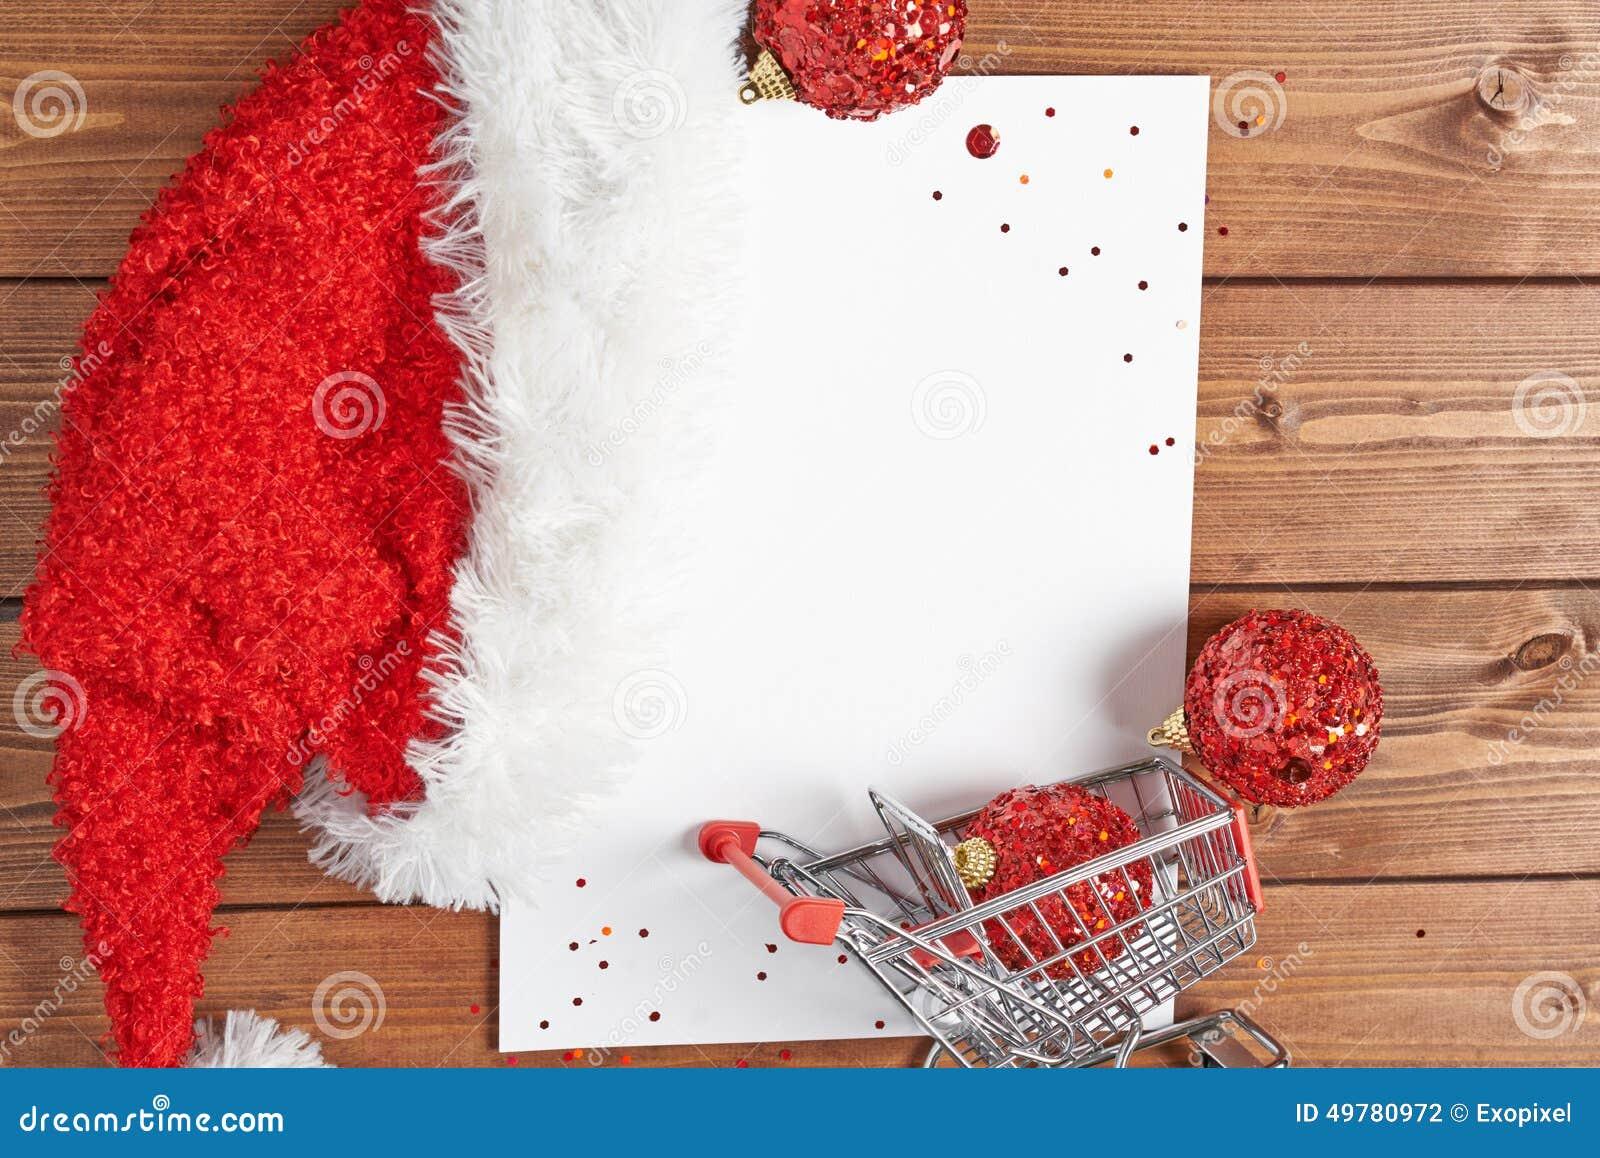 Einkaufsliste Für Weihnachten Stockfoto - Bild von weihnachten ...